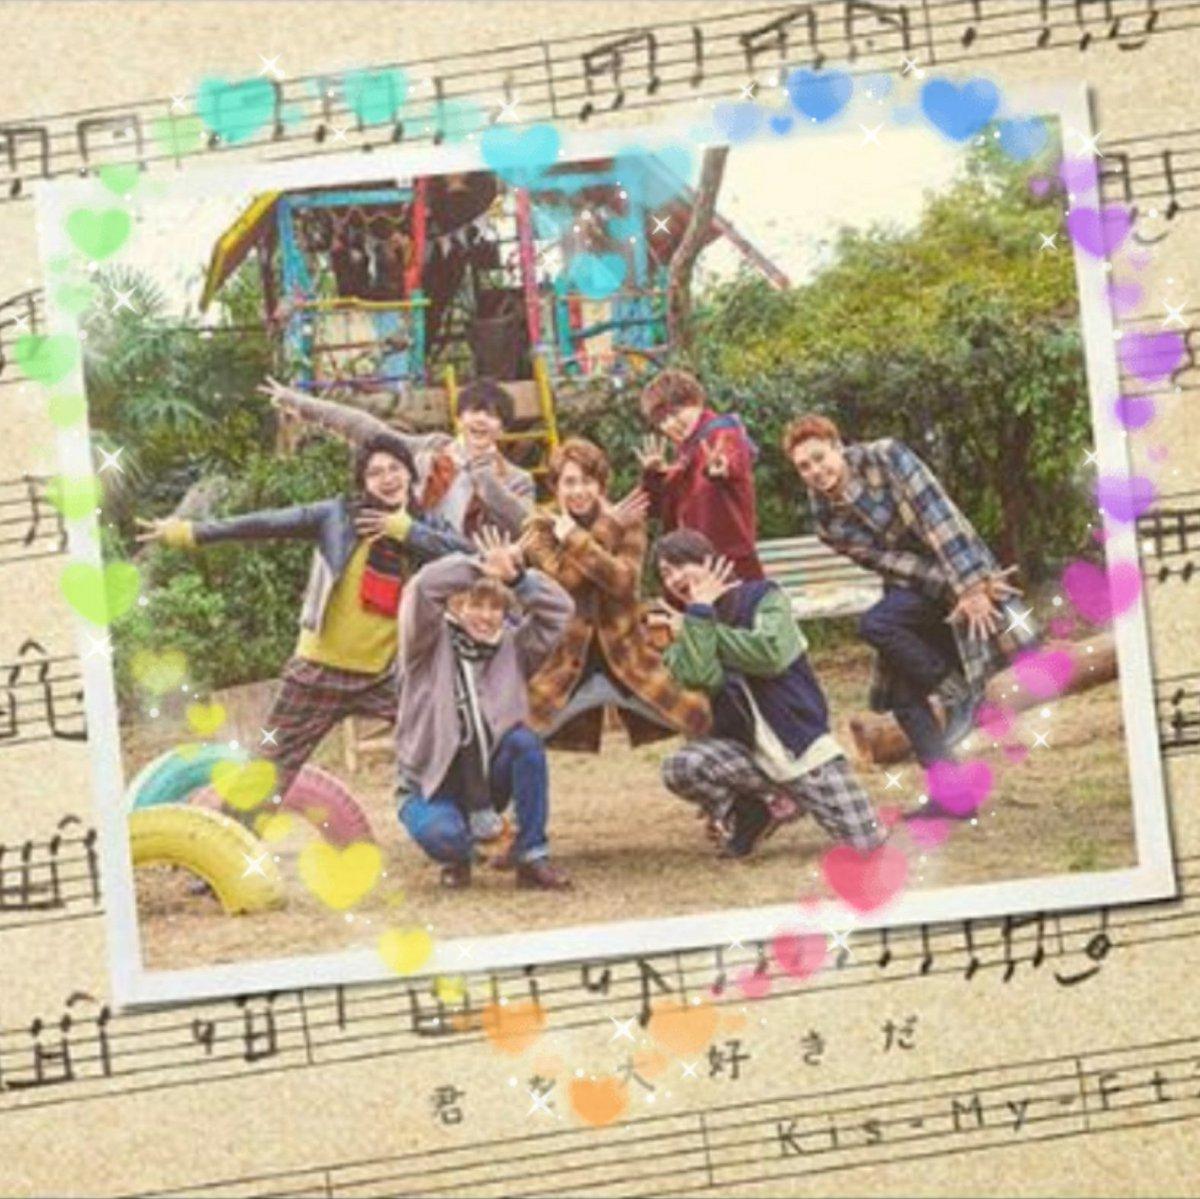 ひなたま7's photo on オリコン1位